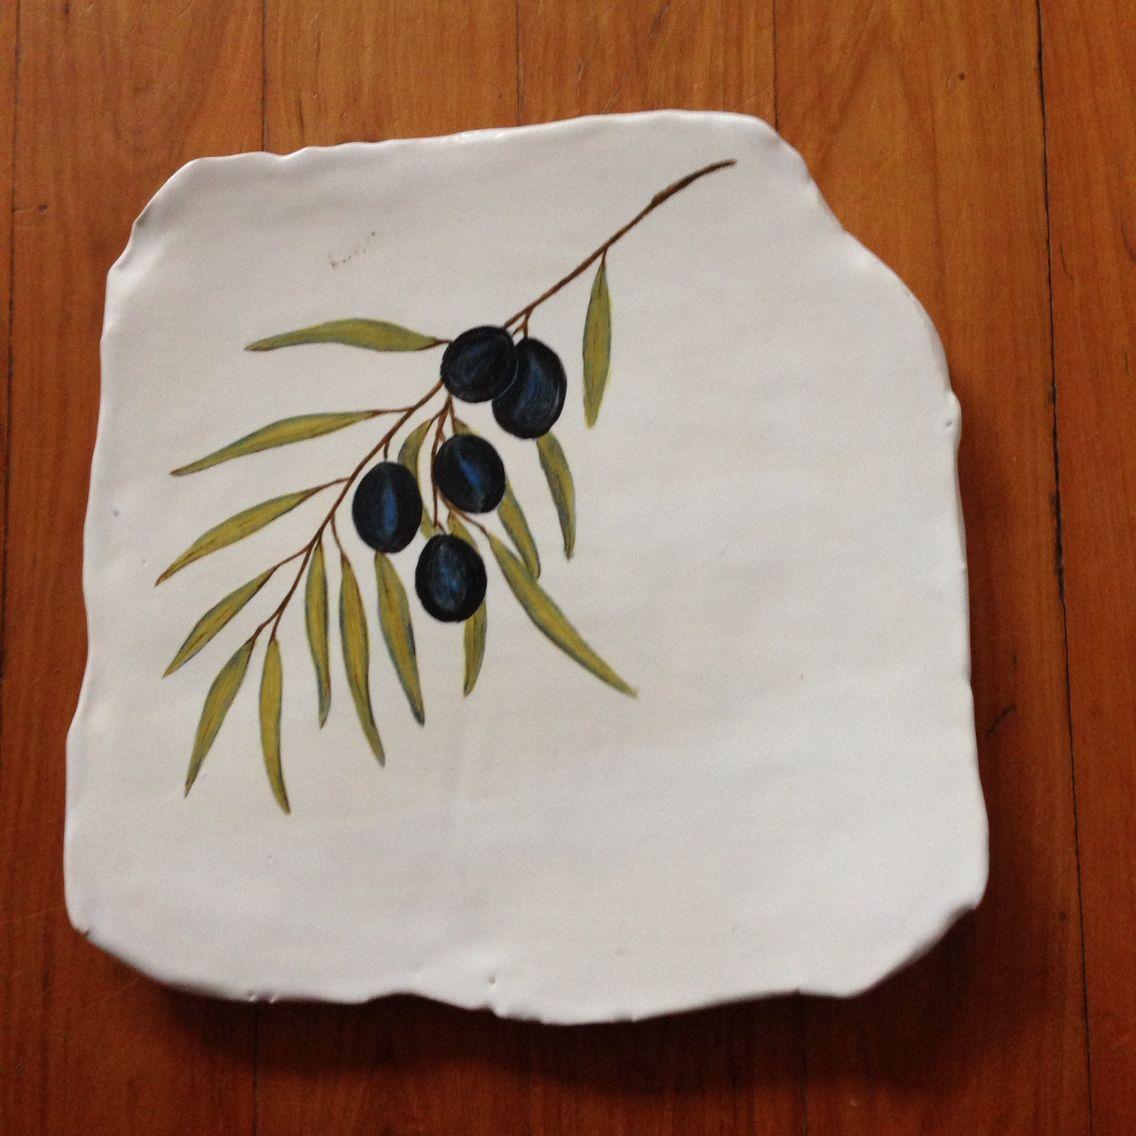 My handmade and handpainted ceramic cheese platter :)